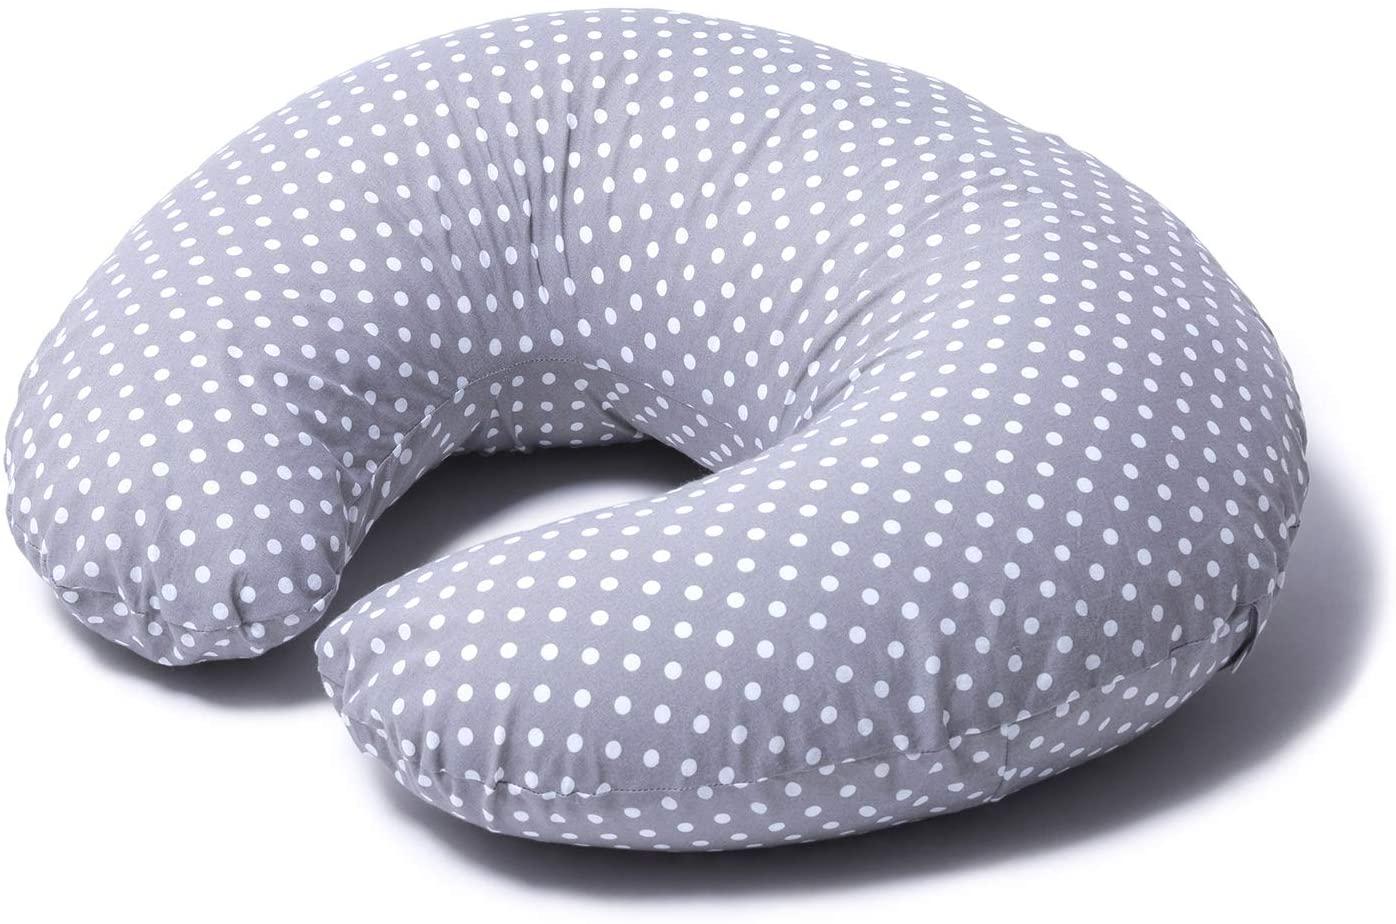 Niimo Cojin Lactancia Bebè Funda Cojin 100% Algodòn,Extraíble y Lavable Almohada Multifuncional para Madre y Bebé Relleno de Fibra de Poliéster (Gris-Lunares Blancos)